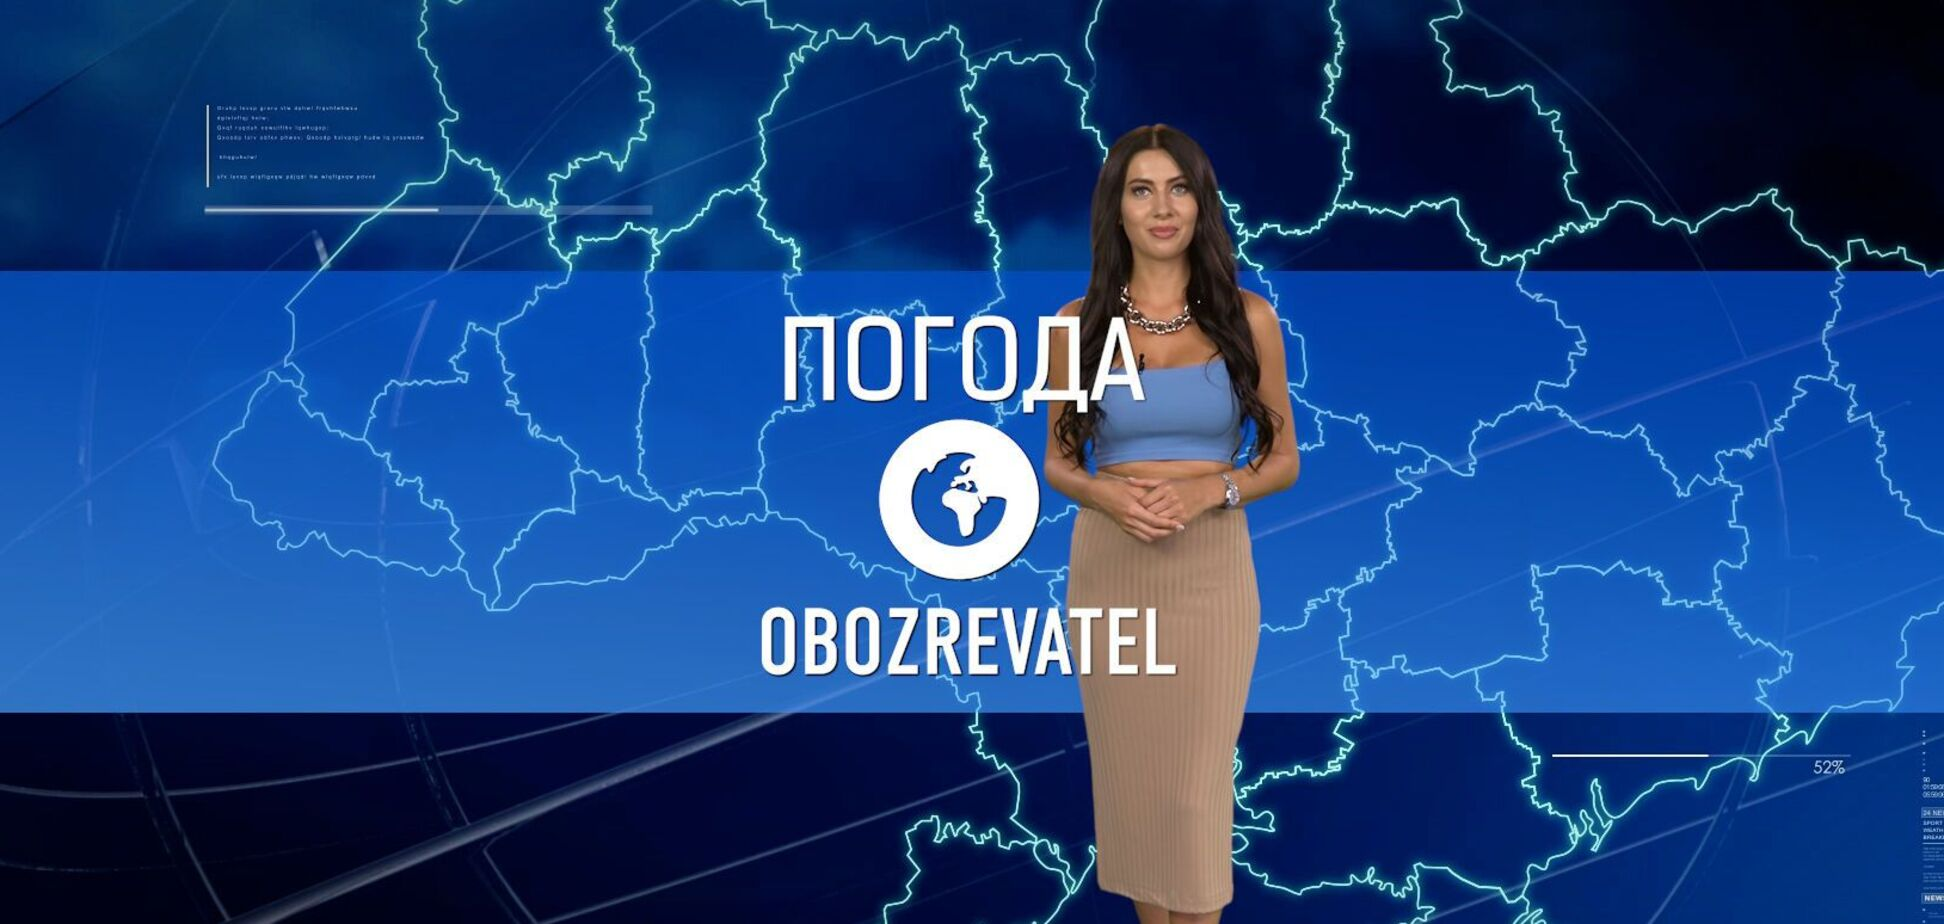 Прогноз погоди в Україні на п'ятницю, 6 серпня, з Алісою Мярковською